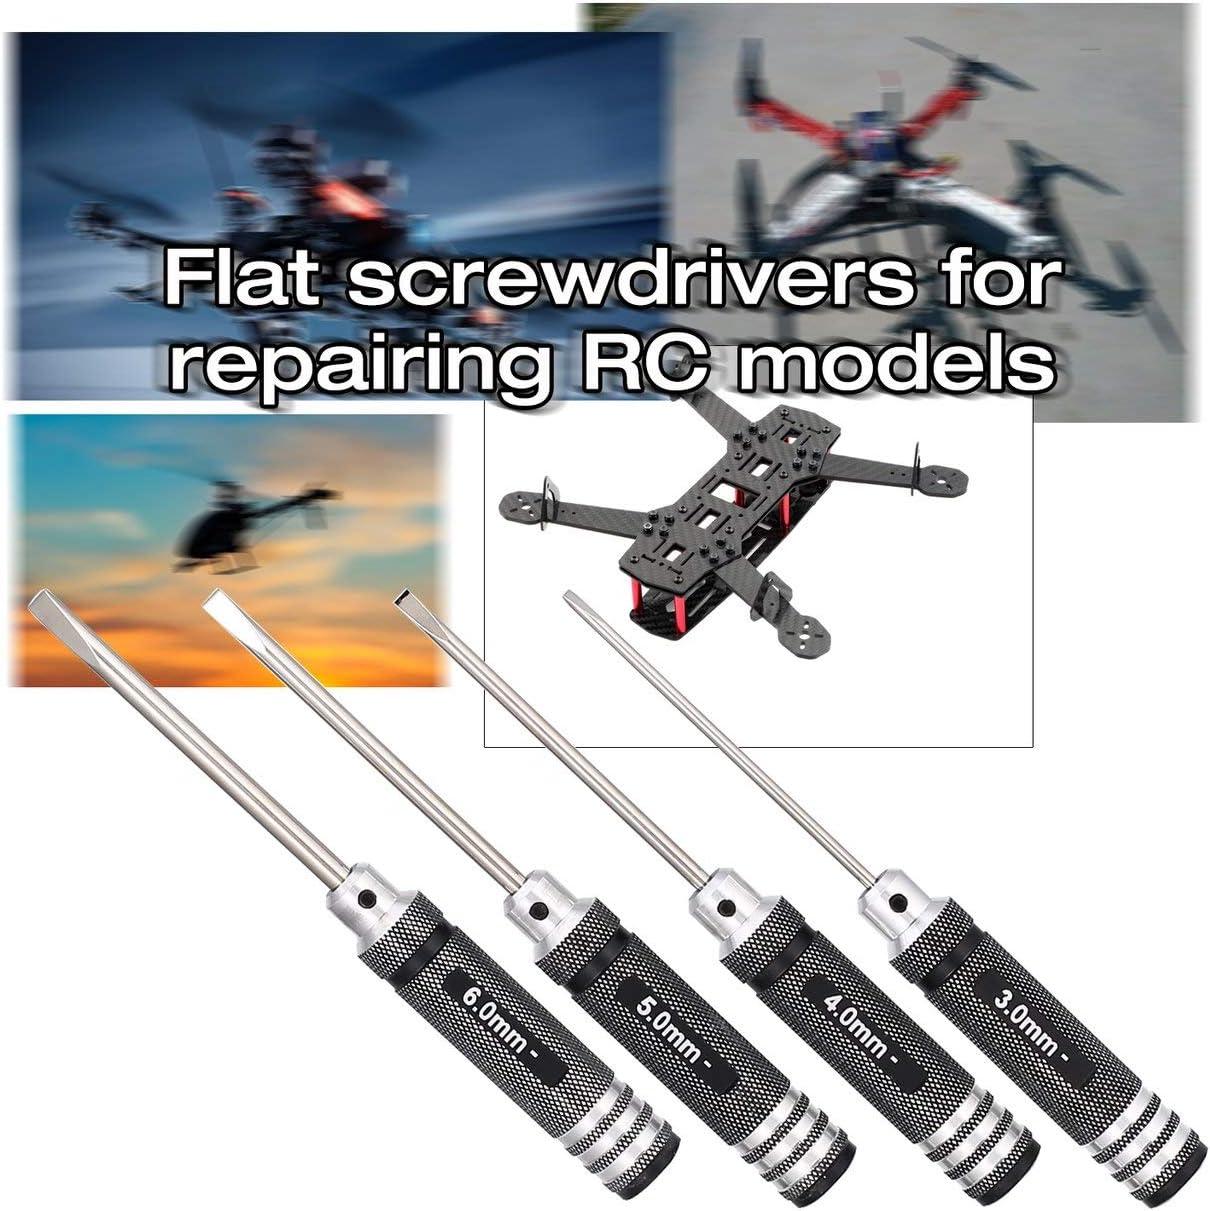 fFRtprintse 4pcs Droite Tournevis Plat 3.0mm 4.0mm 5.0mm 6.0mm Outils en m/étal Kit pour RC H/élicopt/ère Voiture Racing Drone Mod/èle davion